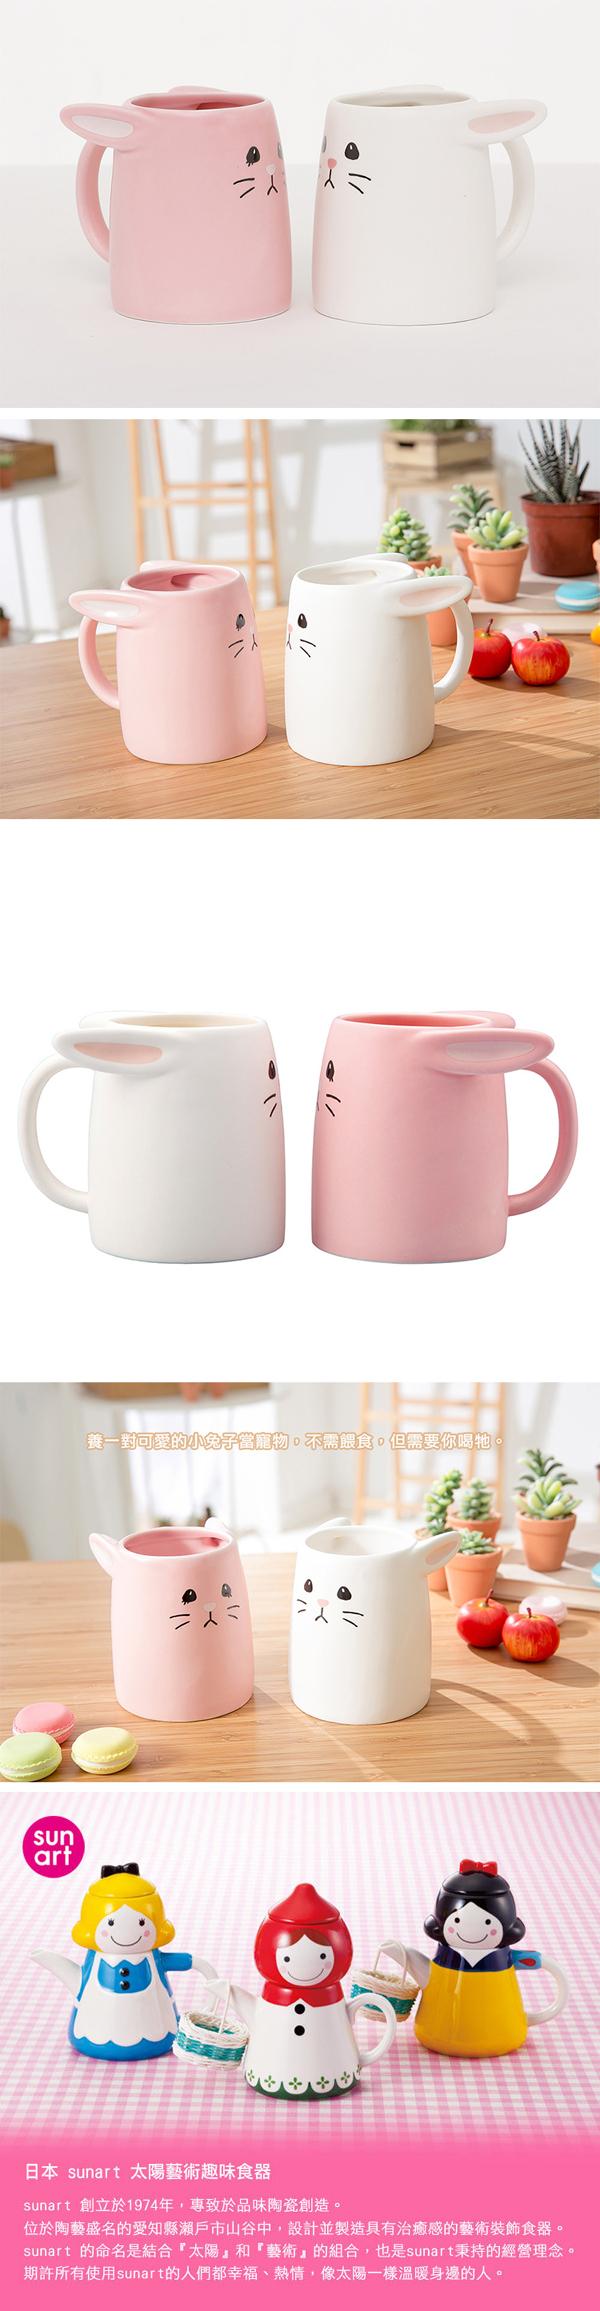 日本 sunart │對杯 - 粉白兔